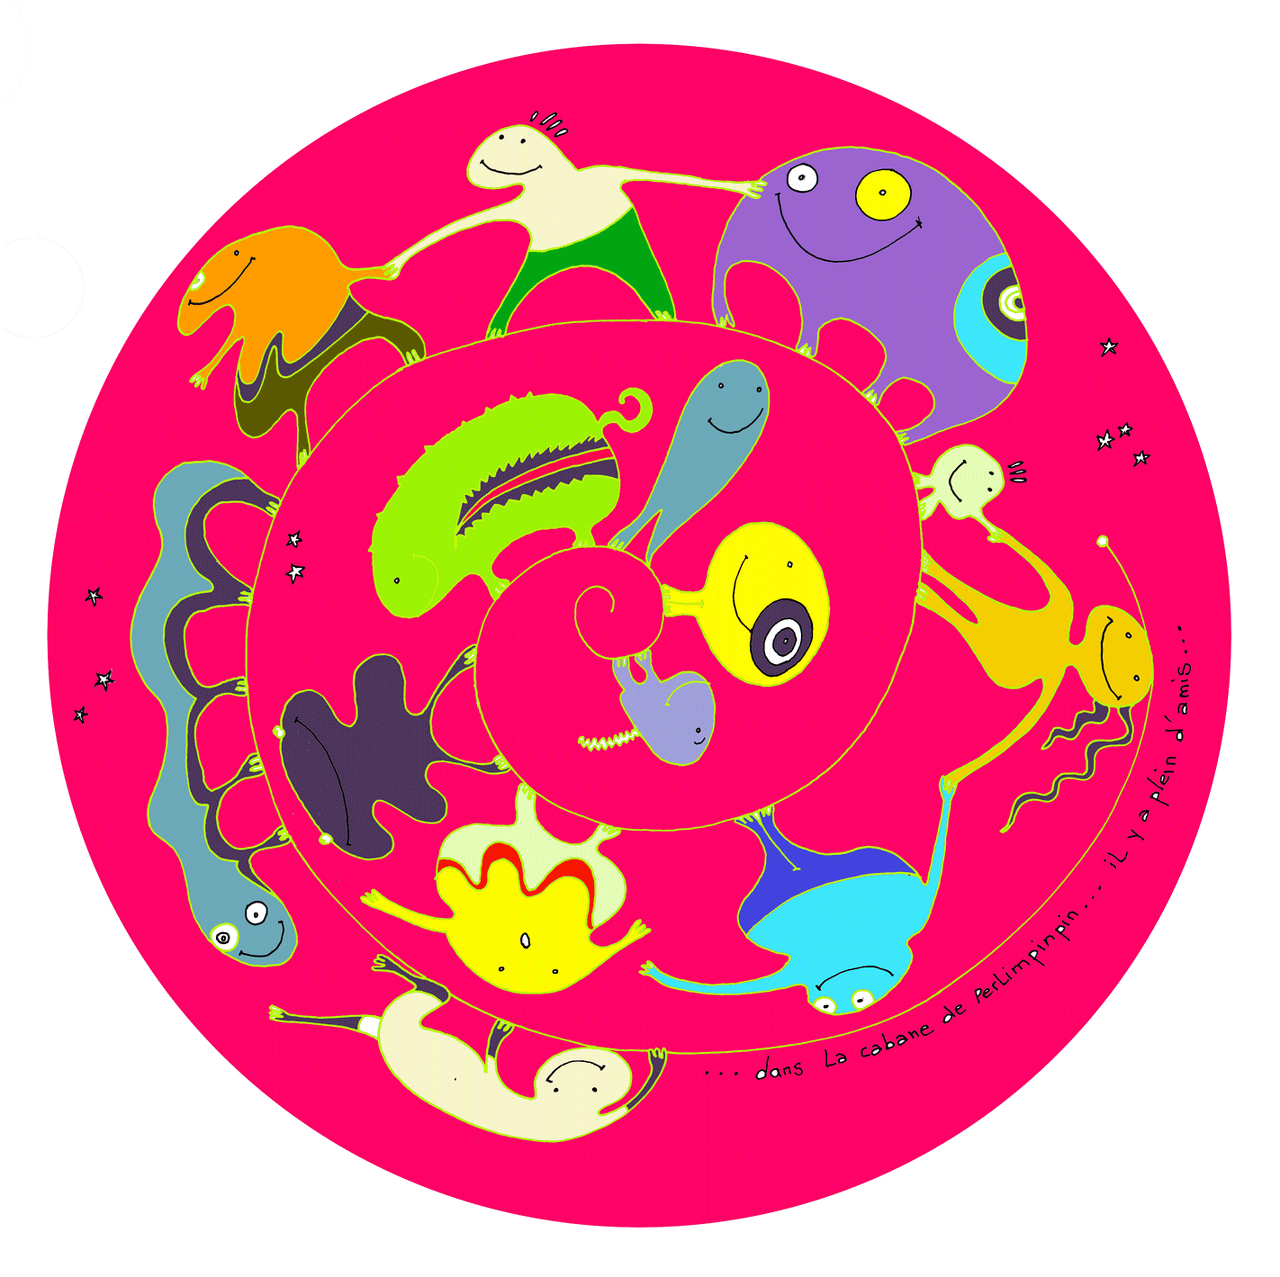 éssai sticker mural